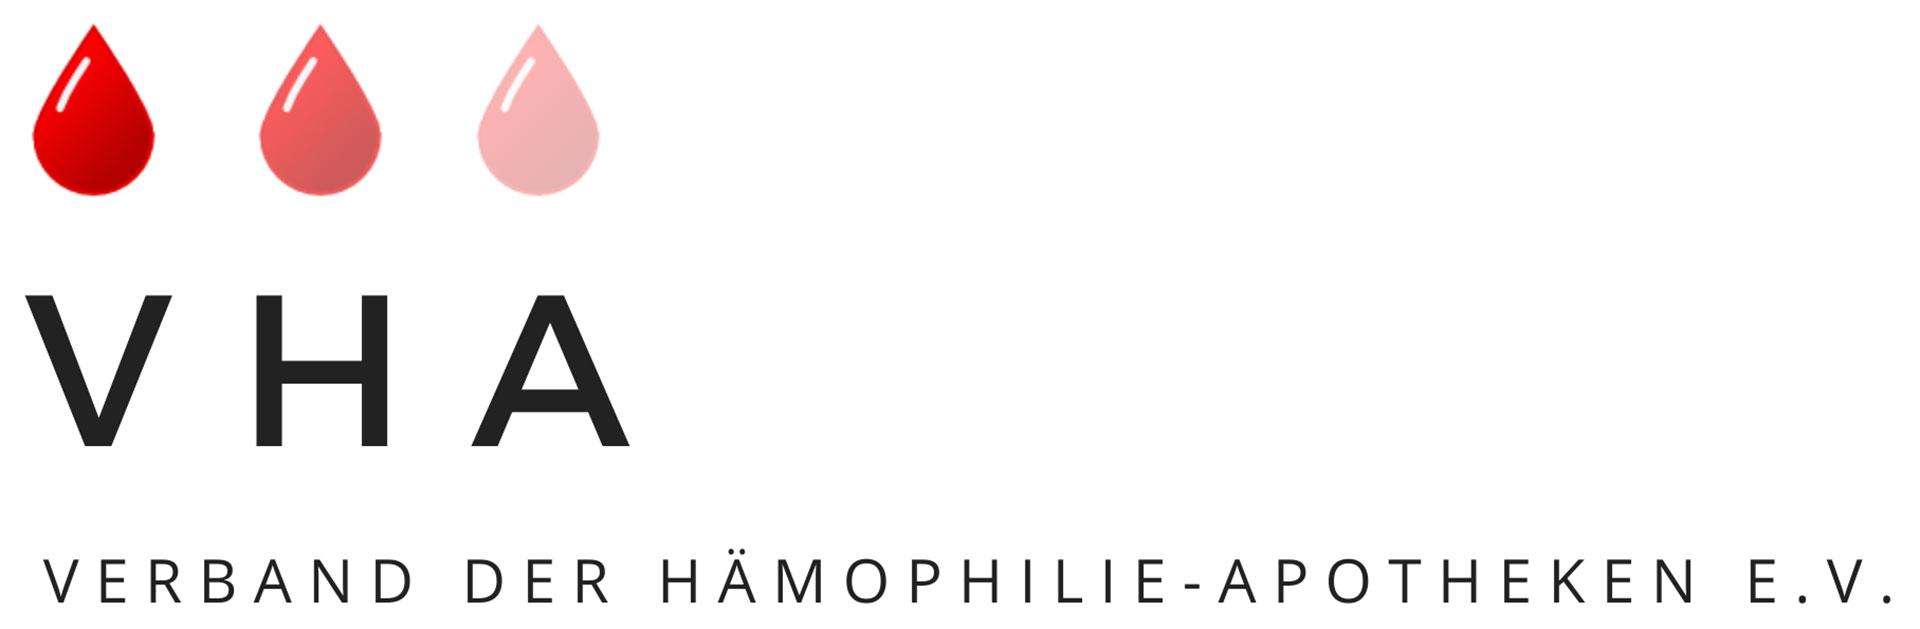 2687-Die Medipolis Apotheken sind Mitglied im Verband der Hämophilie-Apotheken e. V. und versorgen Hämophilie-Patienten